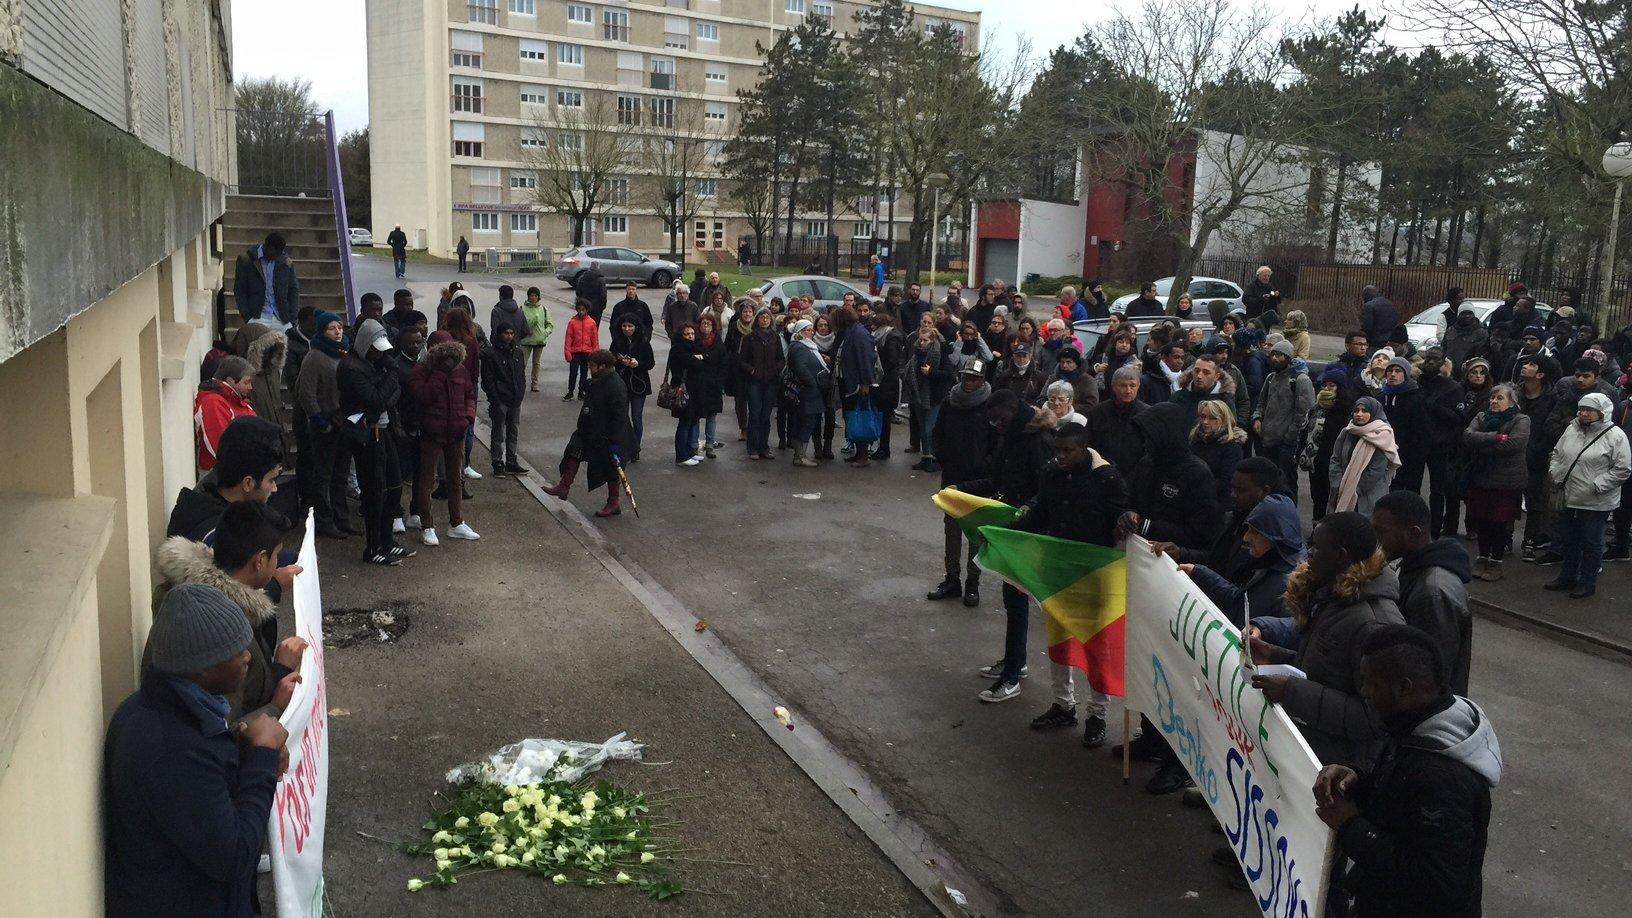 Une minute de silence a été observée au pied du foyer Bellevue où le jeune Malien est décédé. / Raphaël Doumergue / France 3 Champagne-Ardenne